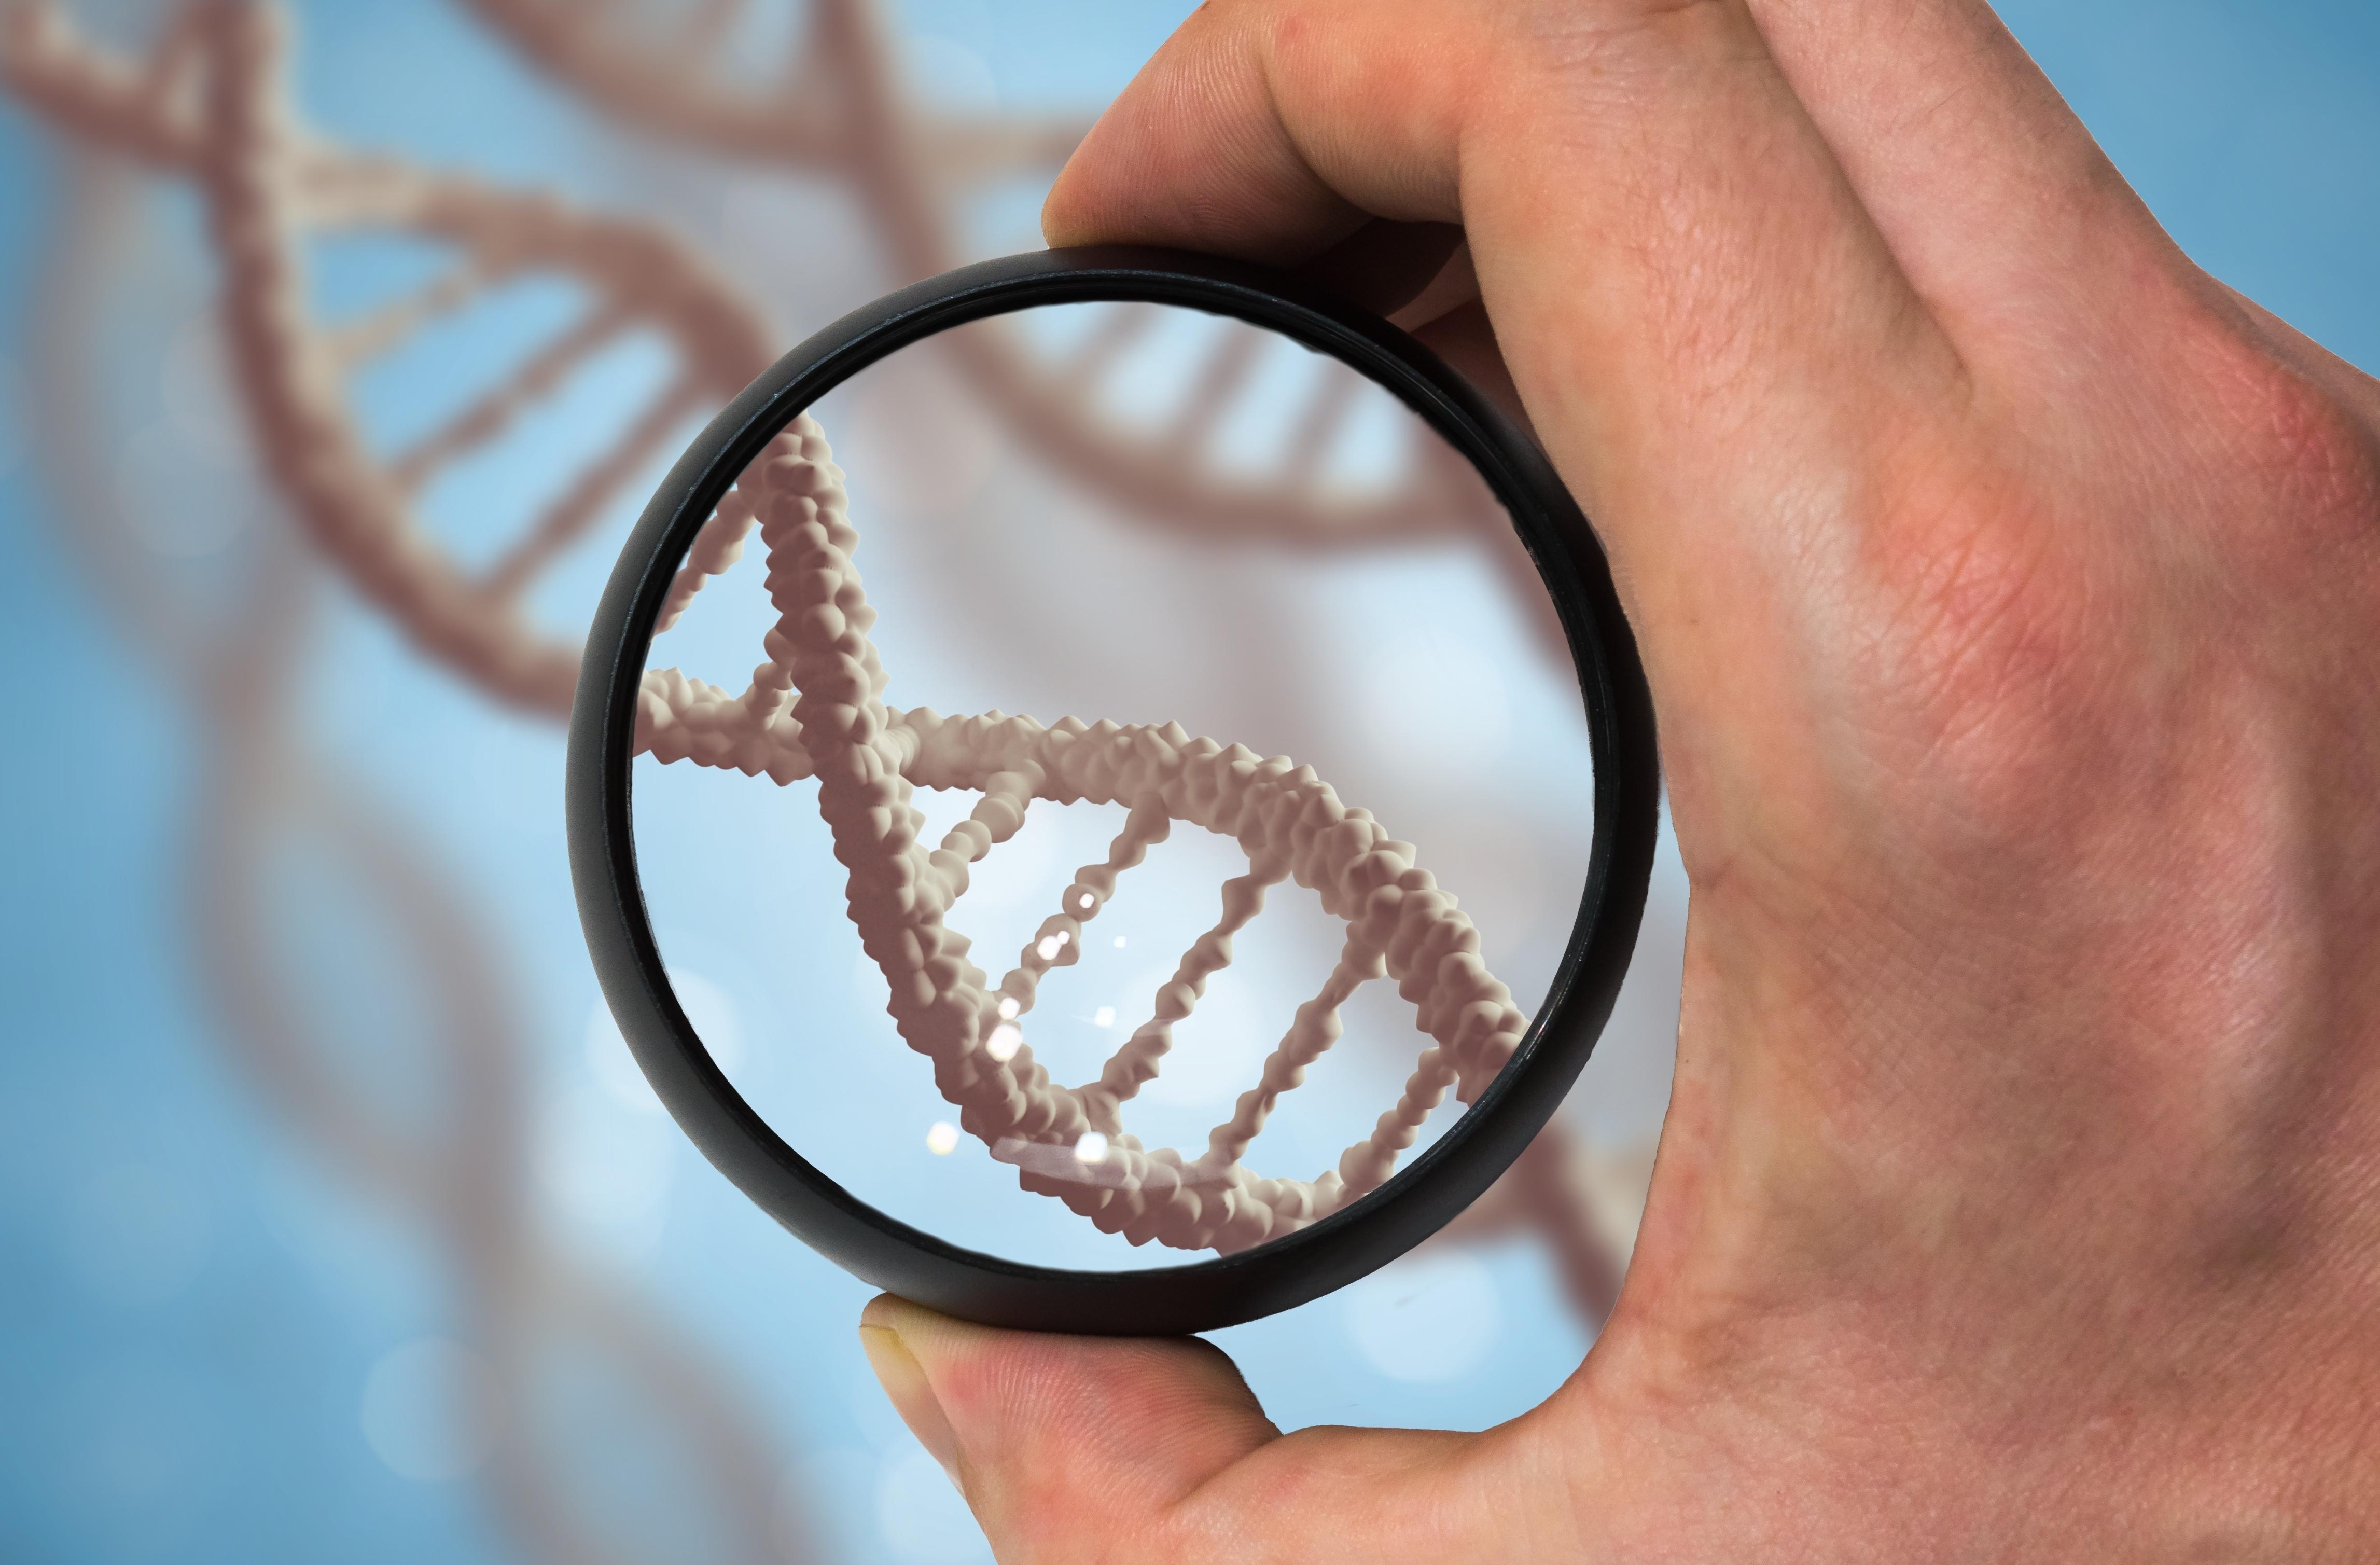 Aunque no hay cifras oficiales y estandarizadas, se estima que en el mundo hay 7 mil enfermedades raras. De estas, el 80 por ciento son de origen genético.  (Foto Prensa Libre: Servicios).